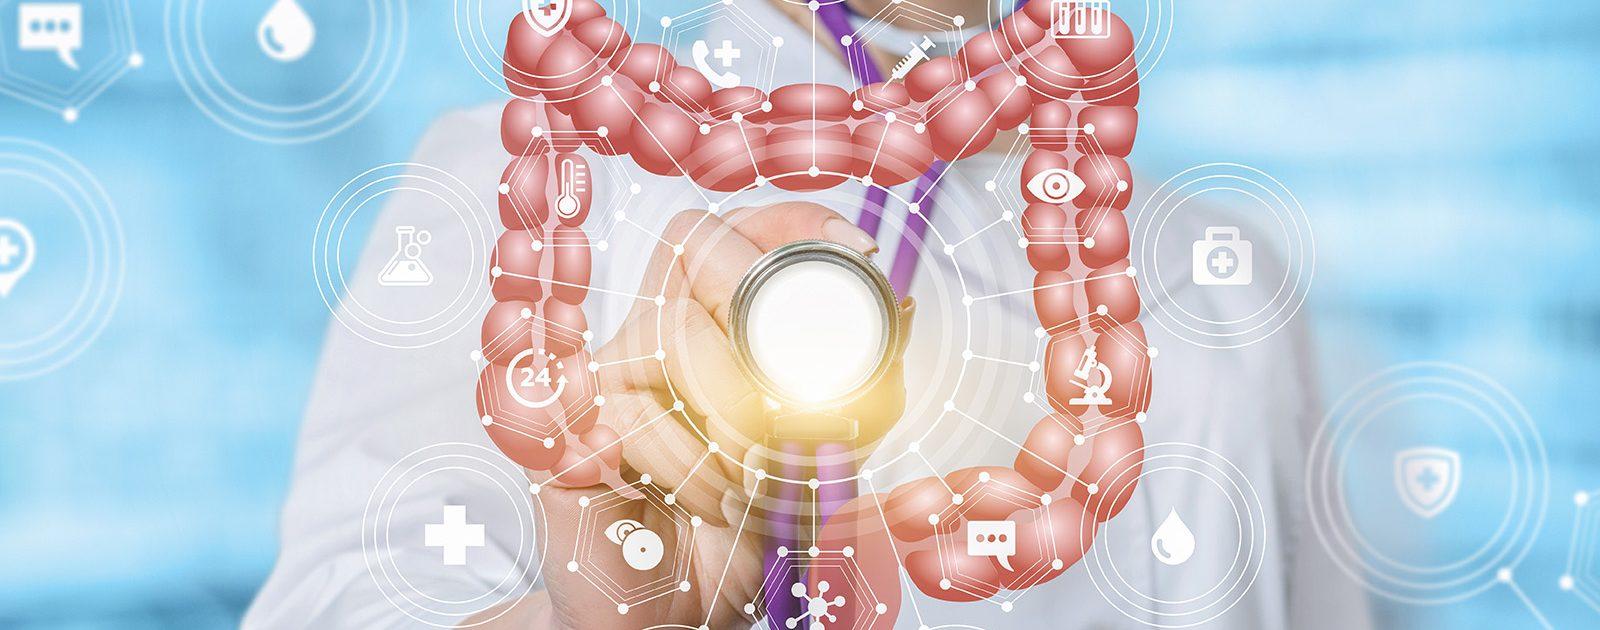 Arzt, der auf eine grafische Darstellung des Darms zeigt, um das Thema Darmuntersuchungen zu veranschaulichen.